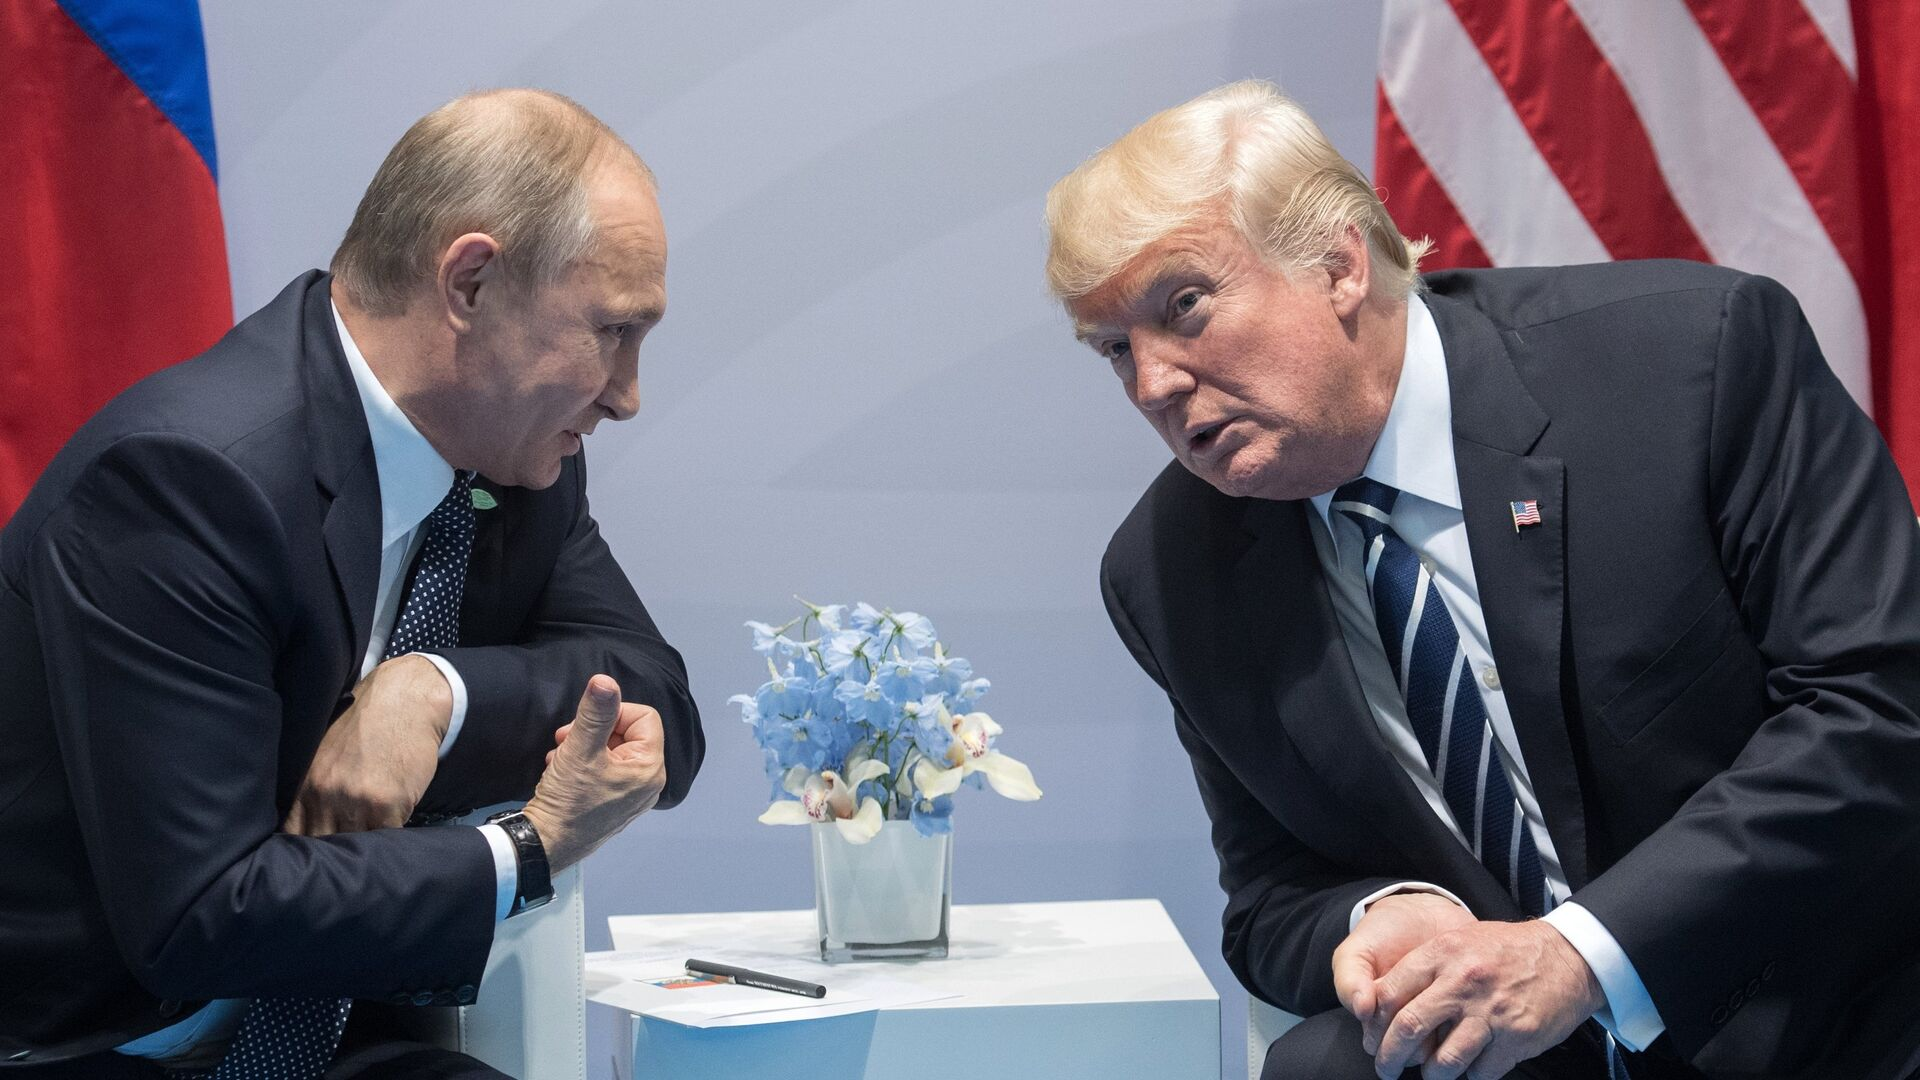 Президент РФ В. Путин принимает участие в саммите Группы двадцати в Гамбурге - Sputnik Таджикистан, 1920, 06.10.2021